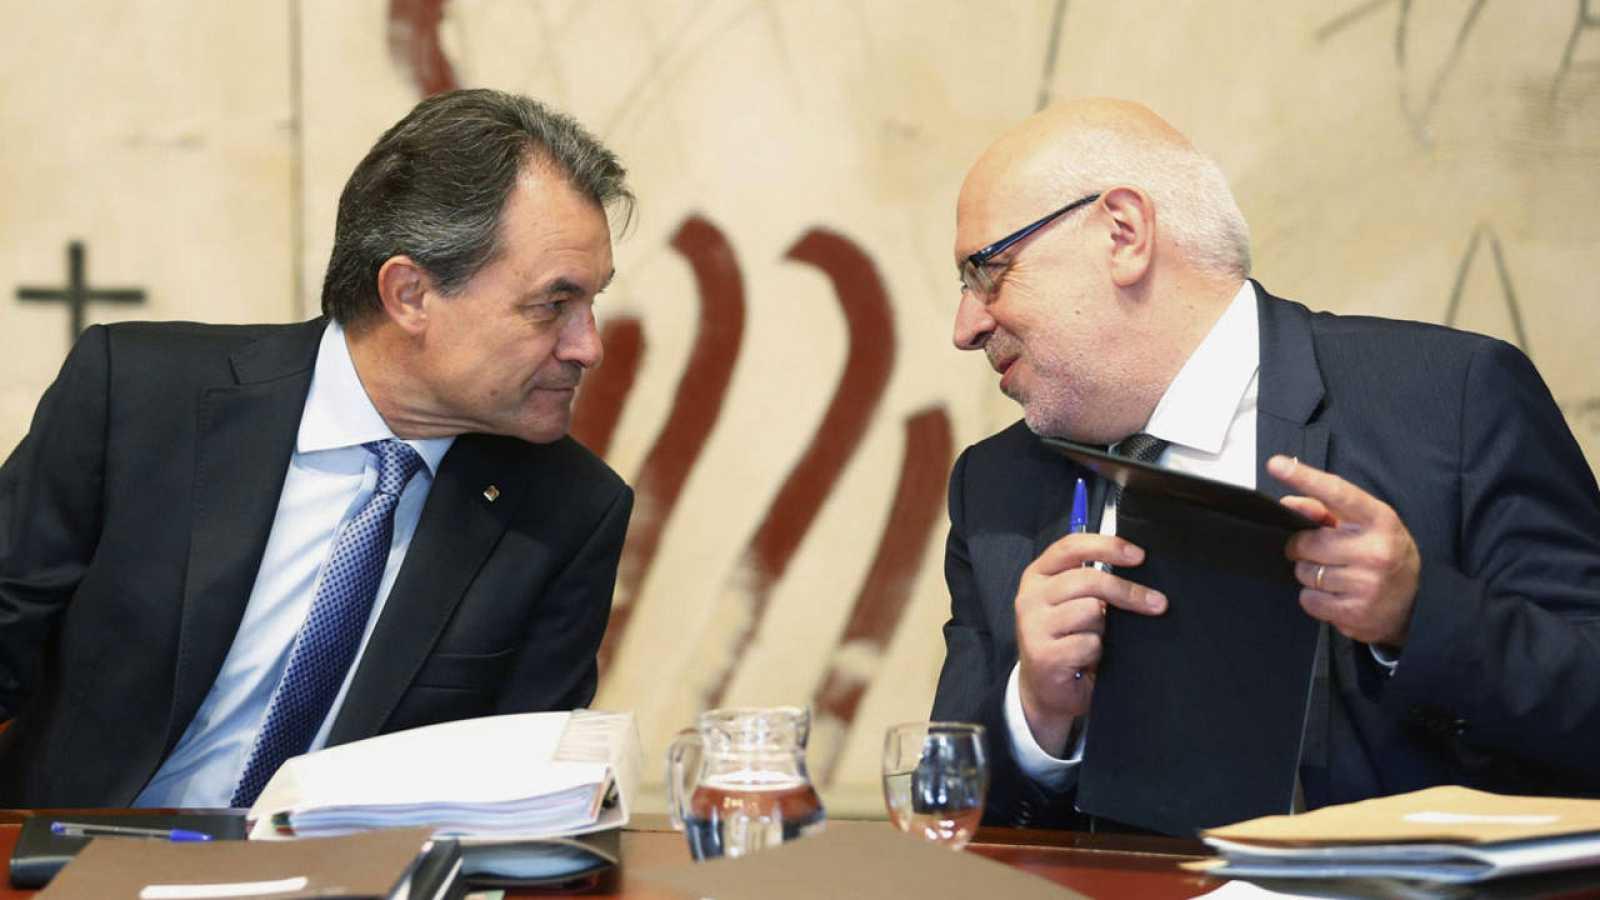 El presidente de la Generalitat, Artur Mas, conversa con el secretario del gobierno catalán, Jordi Baiget, durante la reunión semanal del ejecutivo catalán.